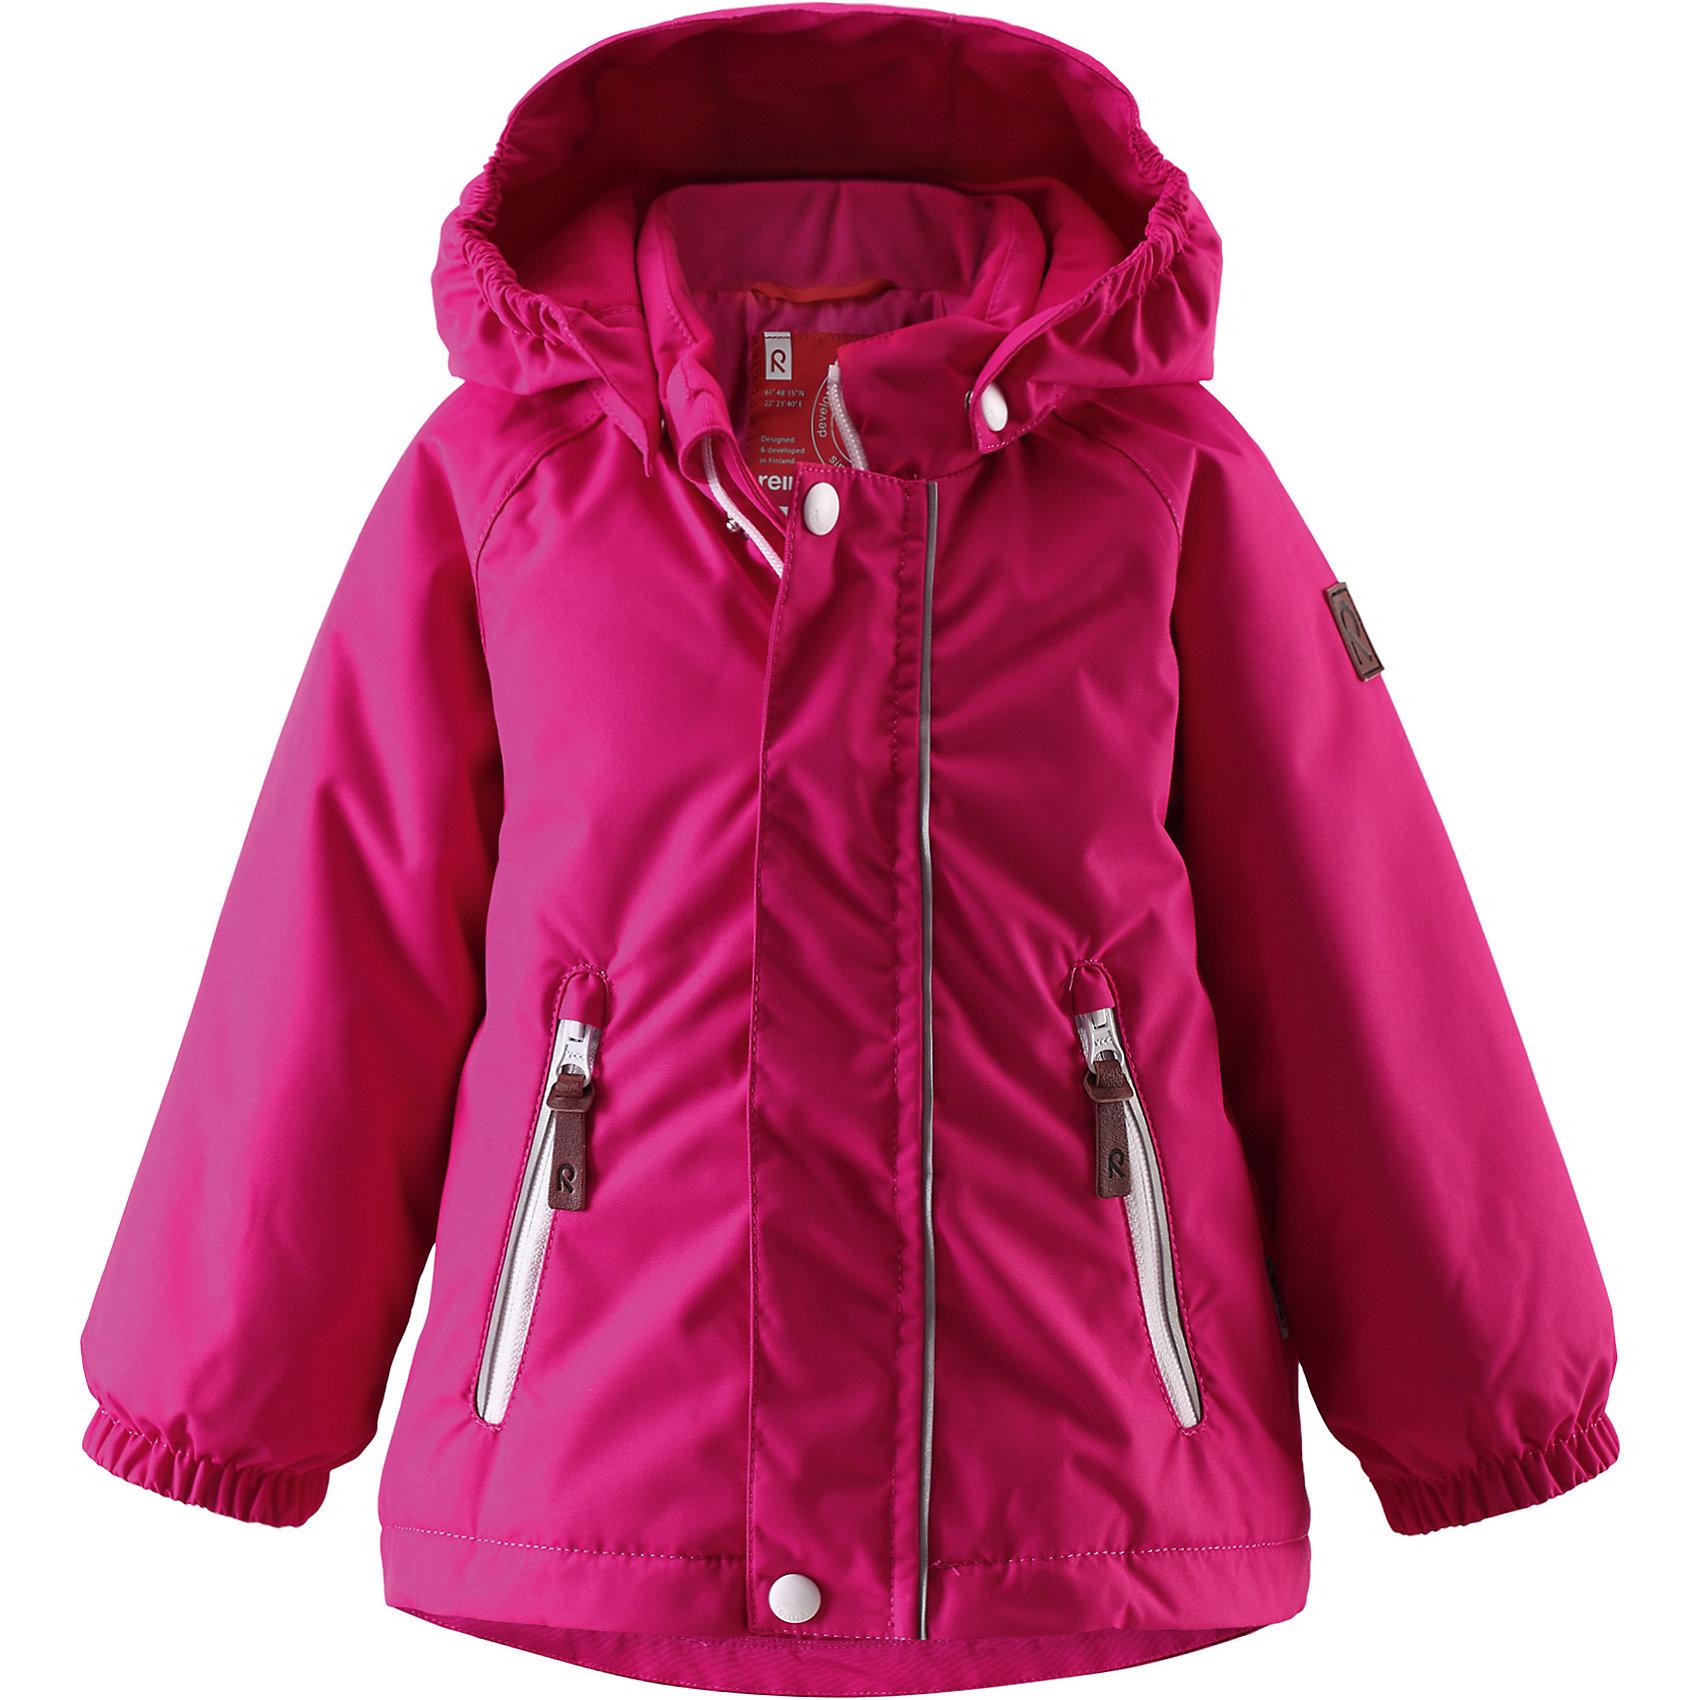 Куртка для девочки ReimaКуртка  Reima<br>Зимняя куртка для малышей. Основные швы проклеены и не пропускают влагу. Водо- и ветронепроницаемый, «дышащий» и грязеотталкивающий материал. Гладкая подкладка из полиэстра. Безопасный, съемный капюшон. Эластичные манжеты. Два кармана на молнии. Безопасные светоотражающие детали.<br>Утеплитель: Reima® Soft Loft insulation,160 g<br>Уход:<br>Стирать по отдельности, вывернув наизнанку. Застегнуть молнии и липучки. Стирать моющим средством, не содержащим отбеливающие вещества. Полоскать без специального средства. Во избежание изменения цвета изделие необходимо вынуть из стиральной машинки незамедлительно после окончания программы стирки. Сушить при низкой температуре.<br>Состав:<br>100% Полиамид, полиуретановое покрытие<br><br>Ширина мм: 412<br>Глубина мм: 391<br>Высота мм: 99<br>Вес г: 450<br>Цвет: розовый<br>Возраст от месяцев: 12<br>Возраст до месяцев: 18<br>Пол: Женский<br>Возраст: Детский<br>Размер: 86,80,98,92<br>SKU: 4776001